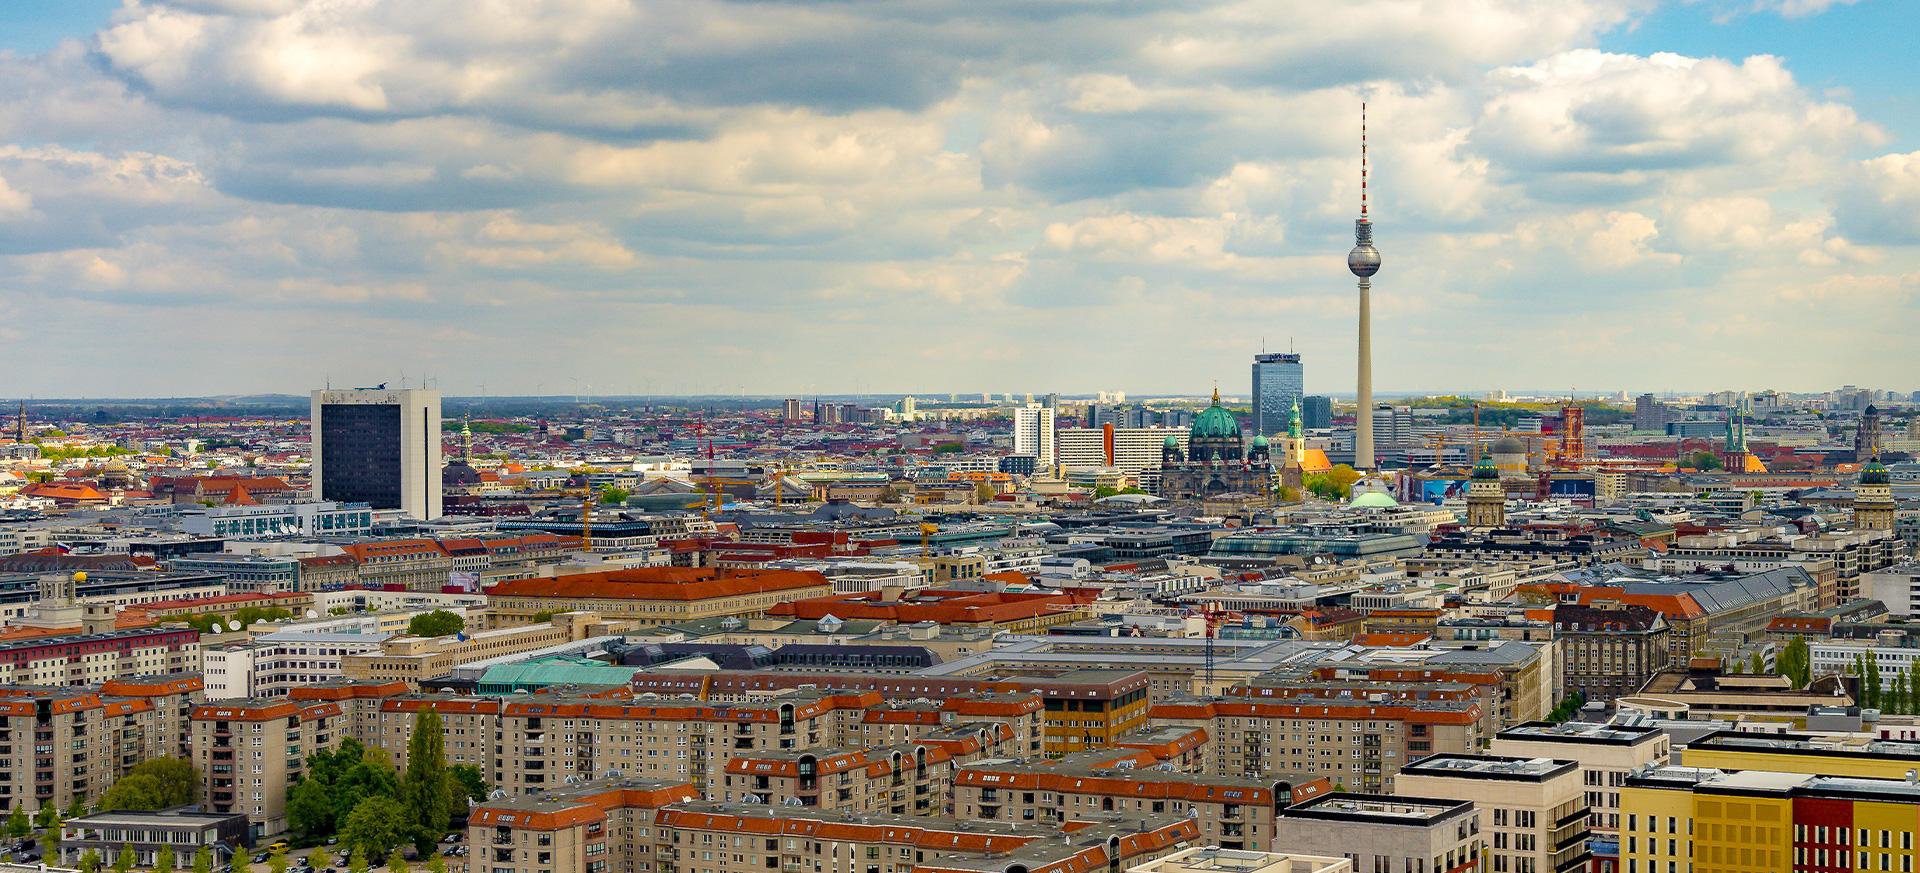 Skyline von Berlin mit Blick auf den Fernsehturm